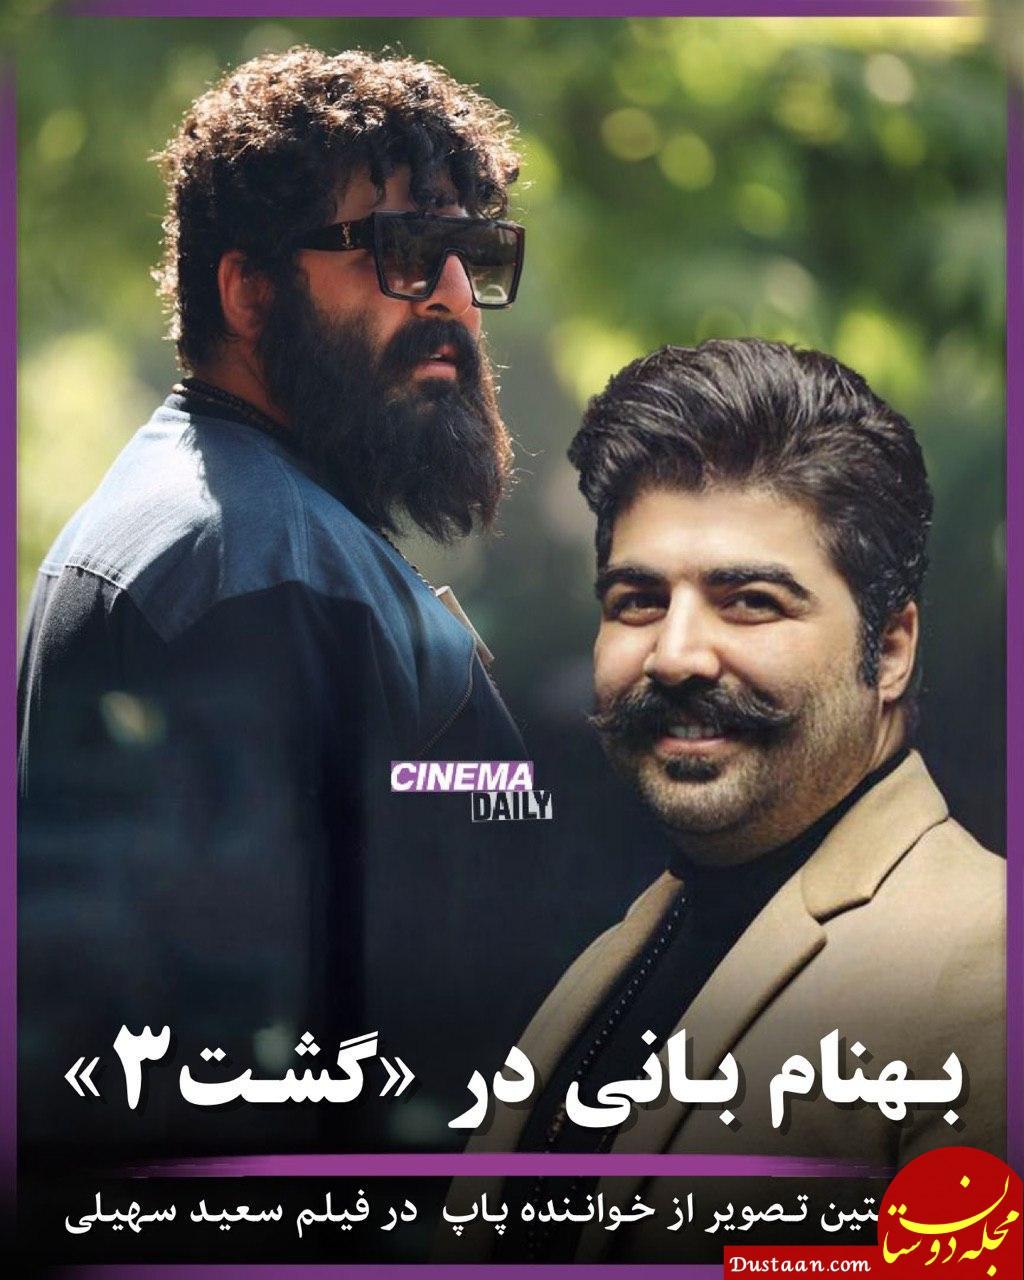 گریم دیدنی بهنام بانی در فیلم سعید سهیلی +عکس